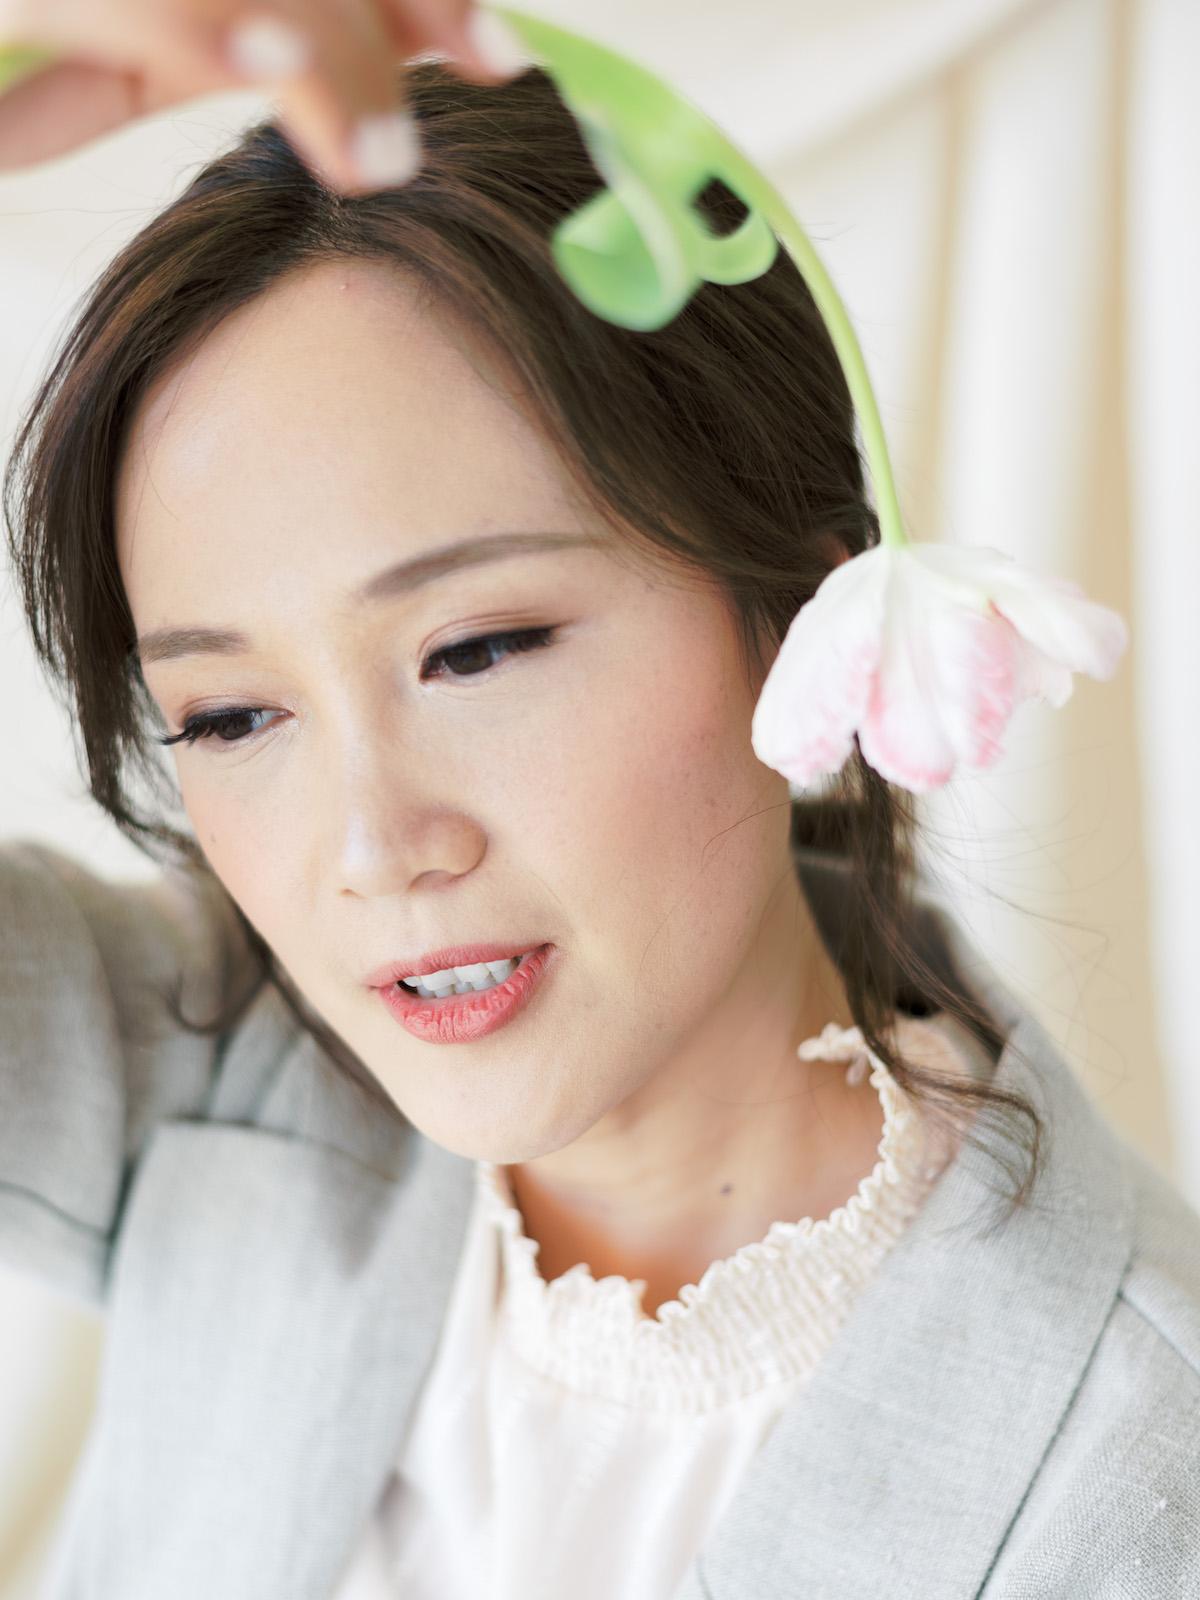 olea-and-fig-blooming-wed-brand-shoot-110.jpg